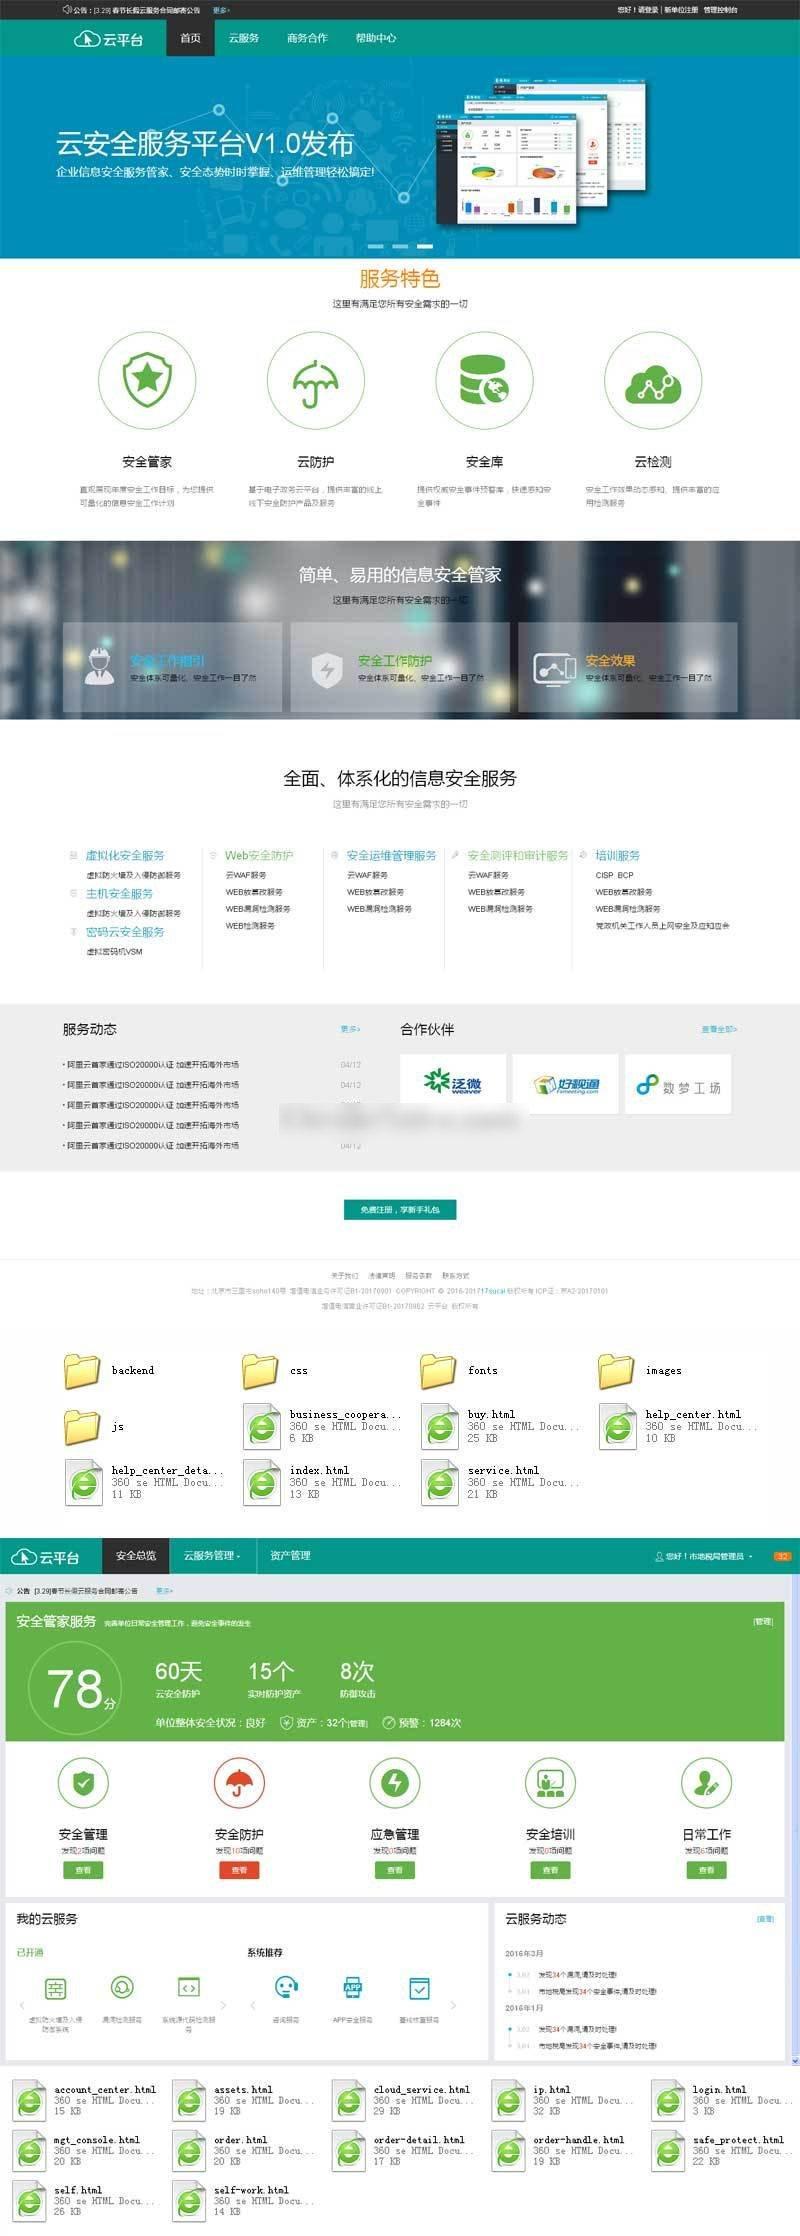 宽屏的云平台服务器管理企业网站模板html全套